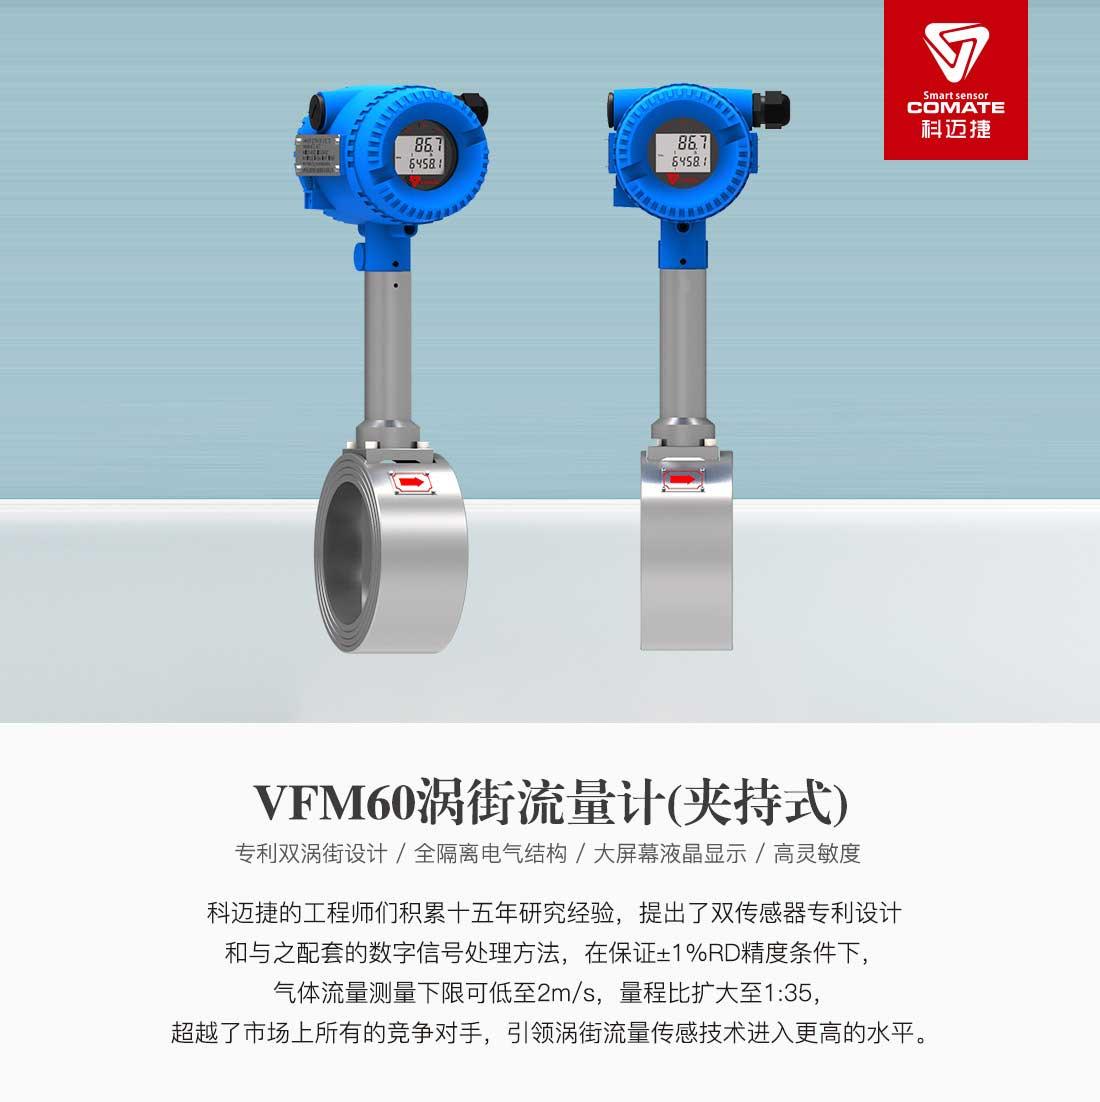 VFM60(夹持式)_01.jpg